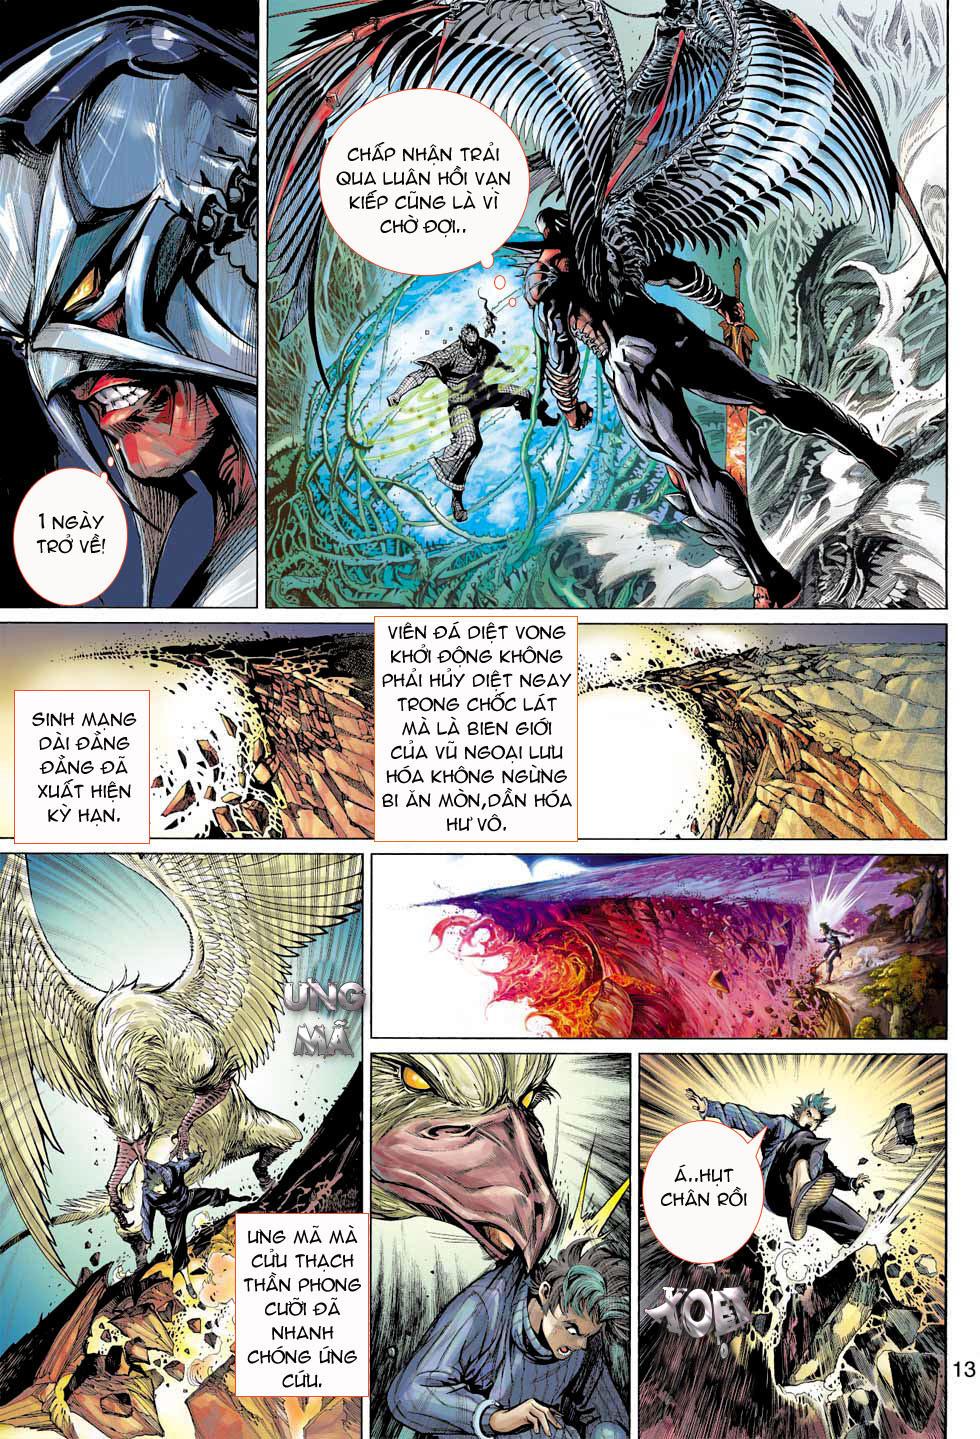 Thần Binh 4 chap 7 - Trang 13